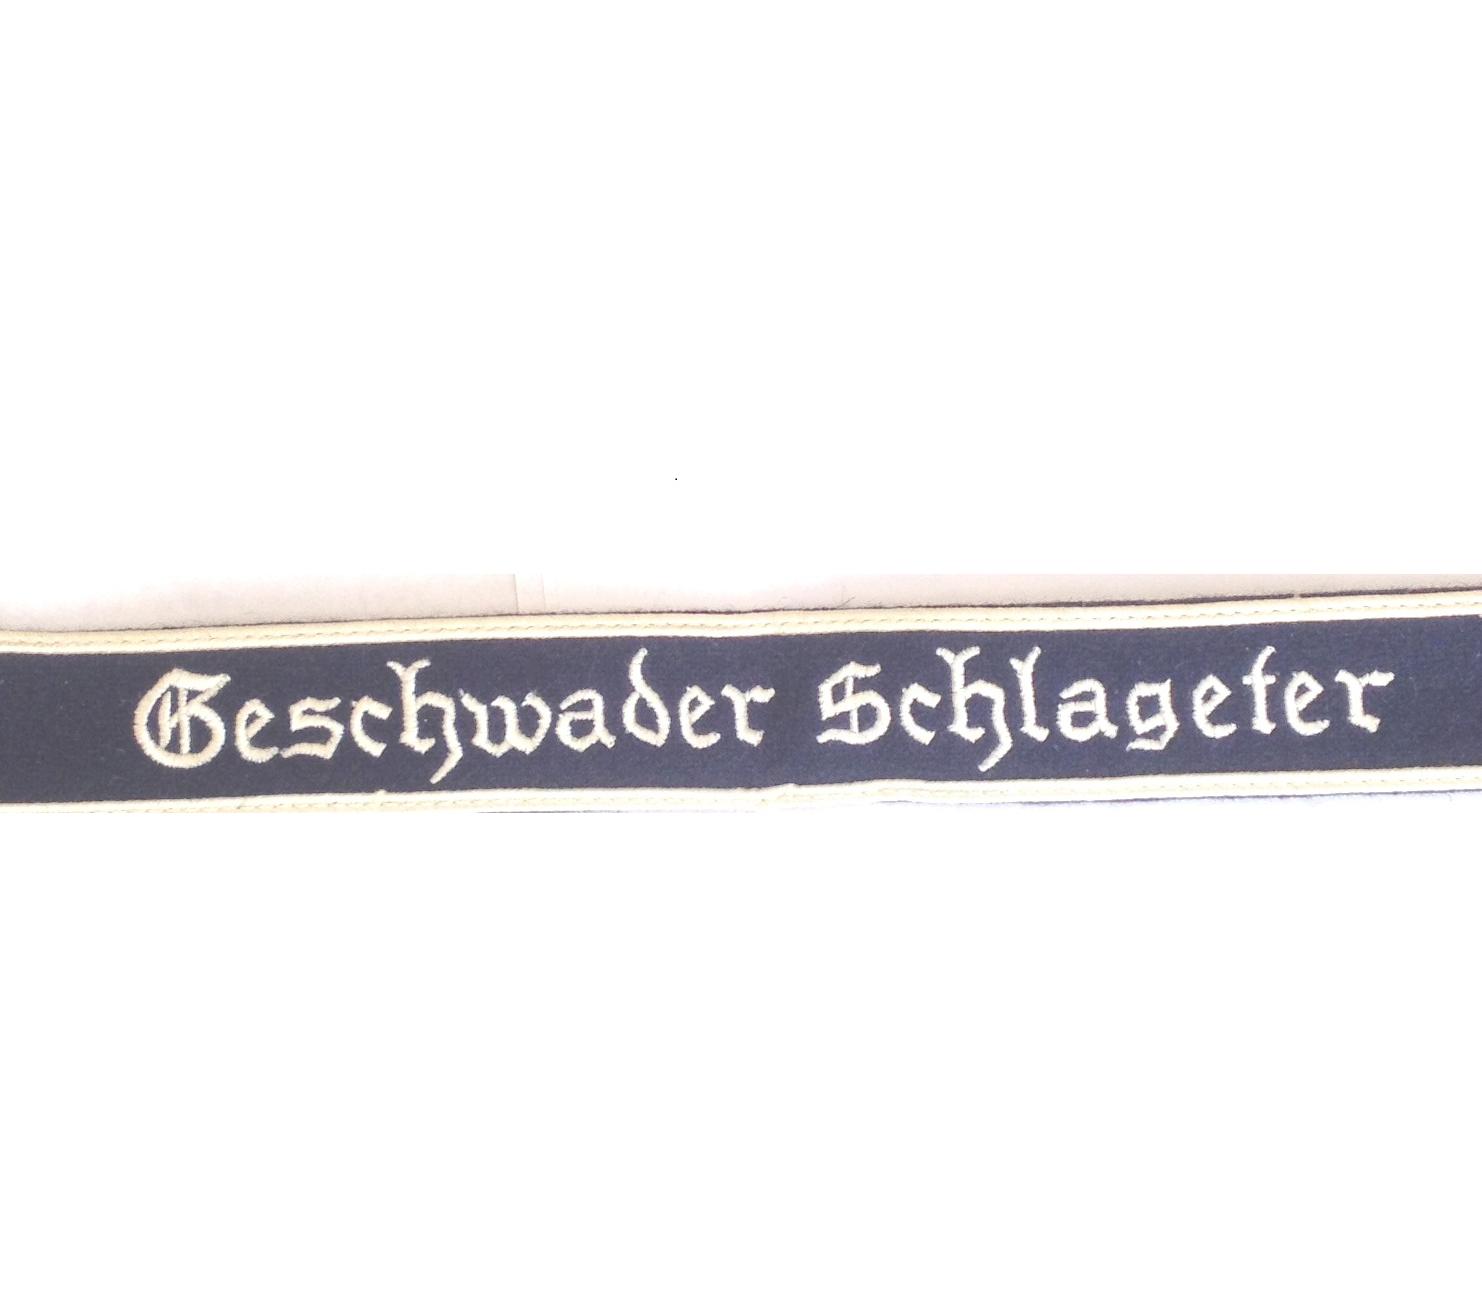 German Luftwaffe Geseschwader Schlageter Cuff title